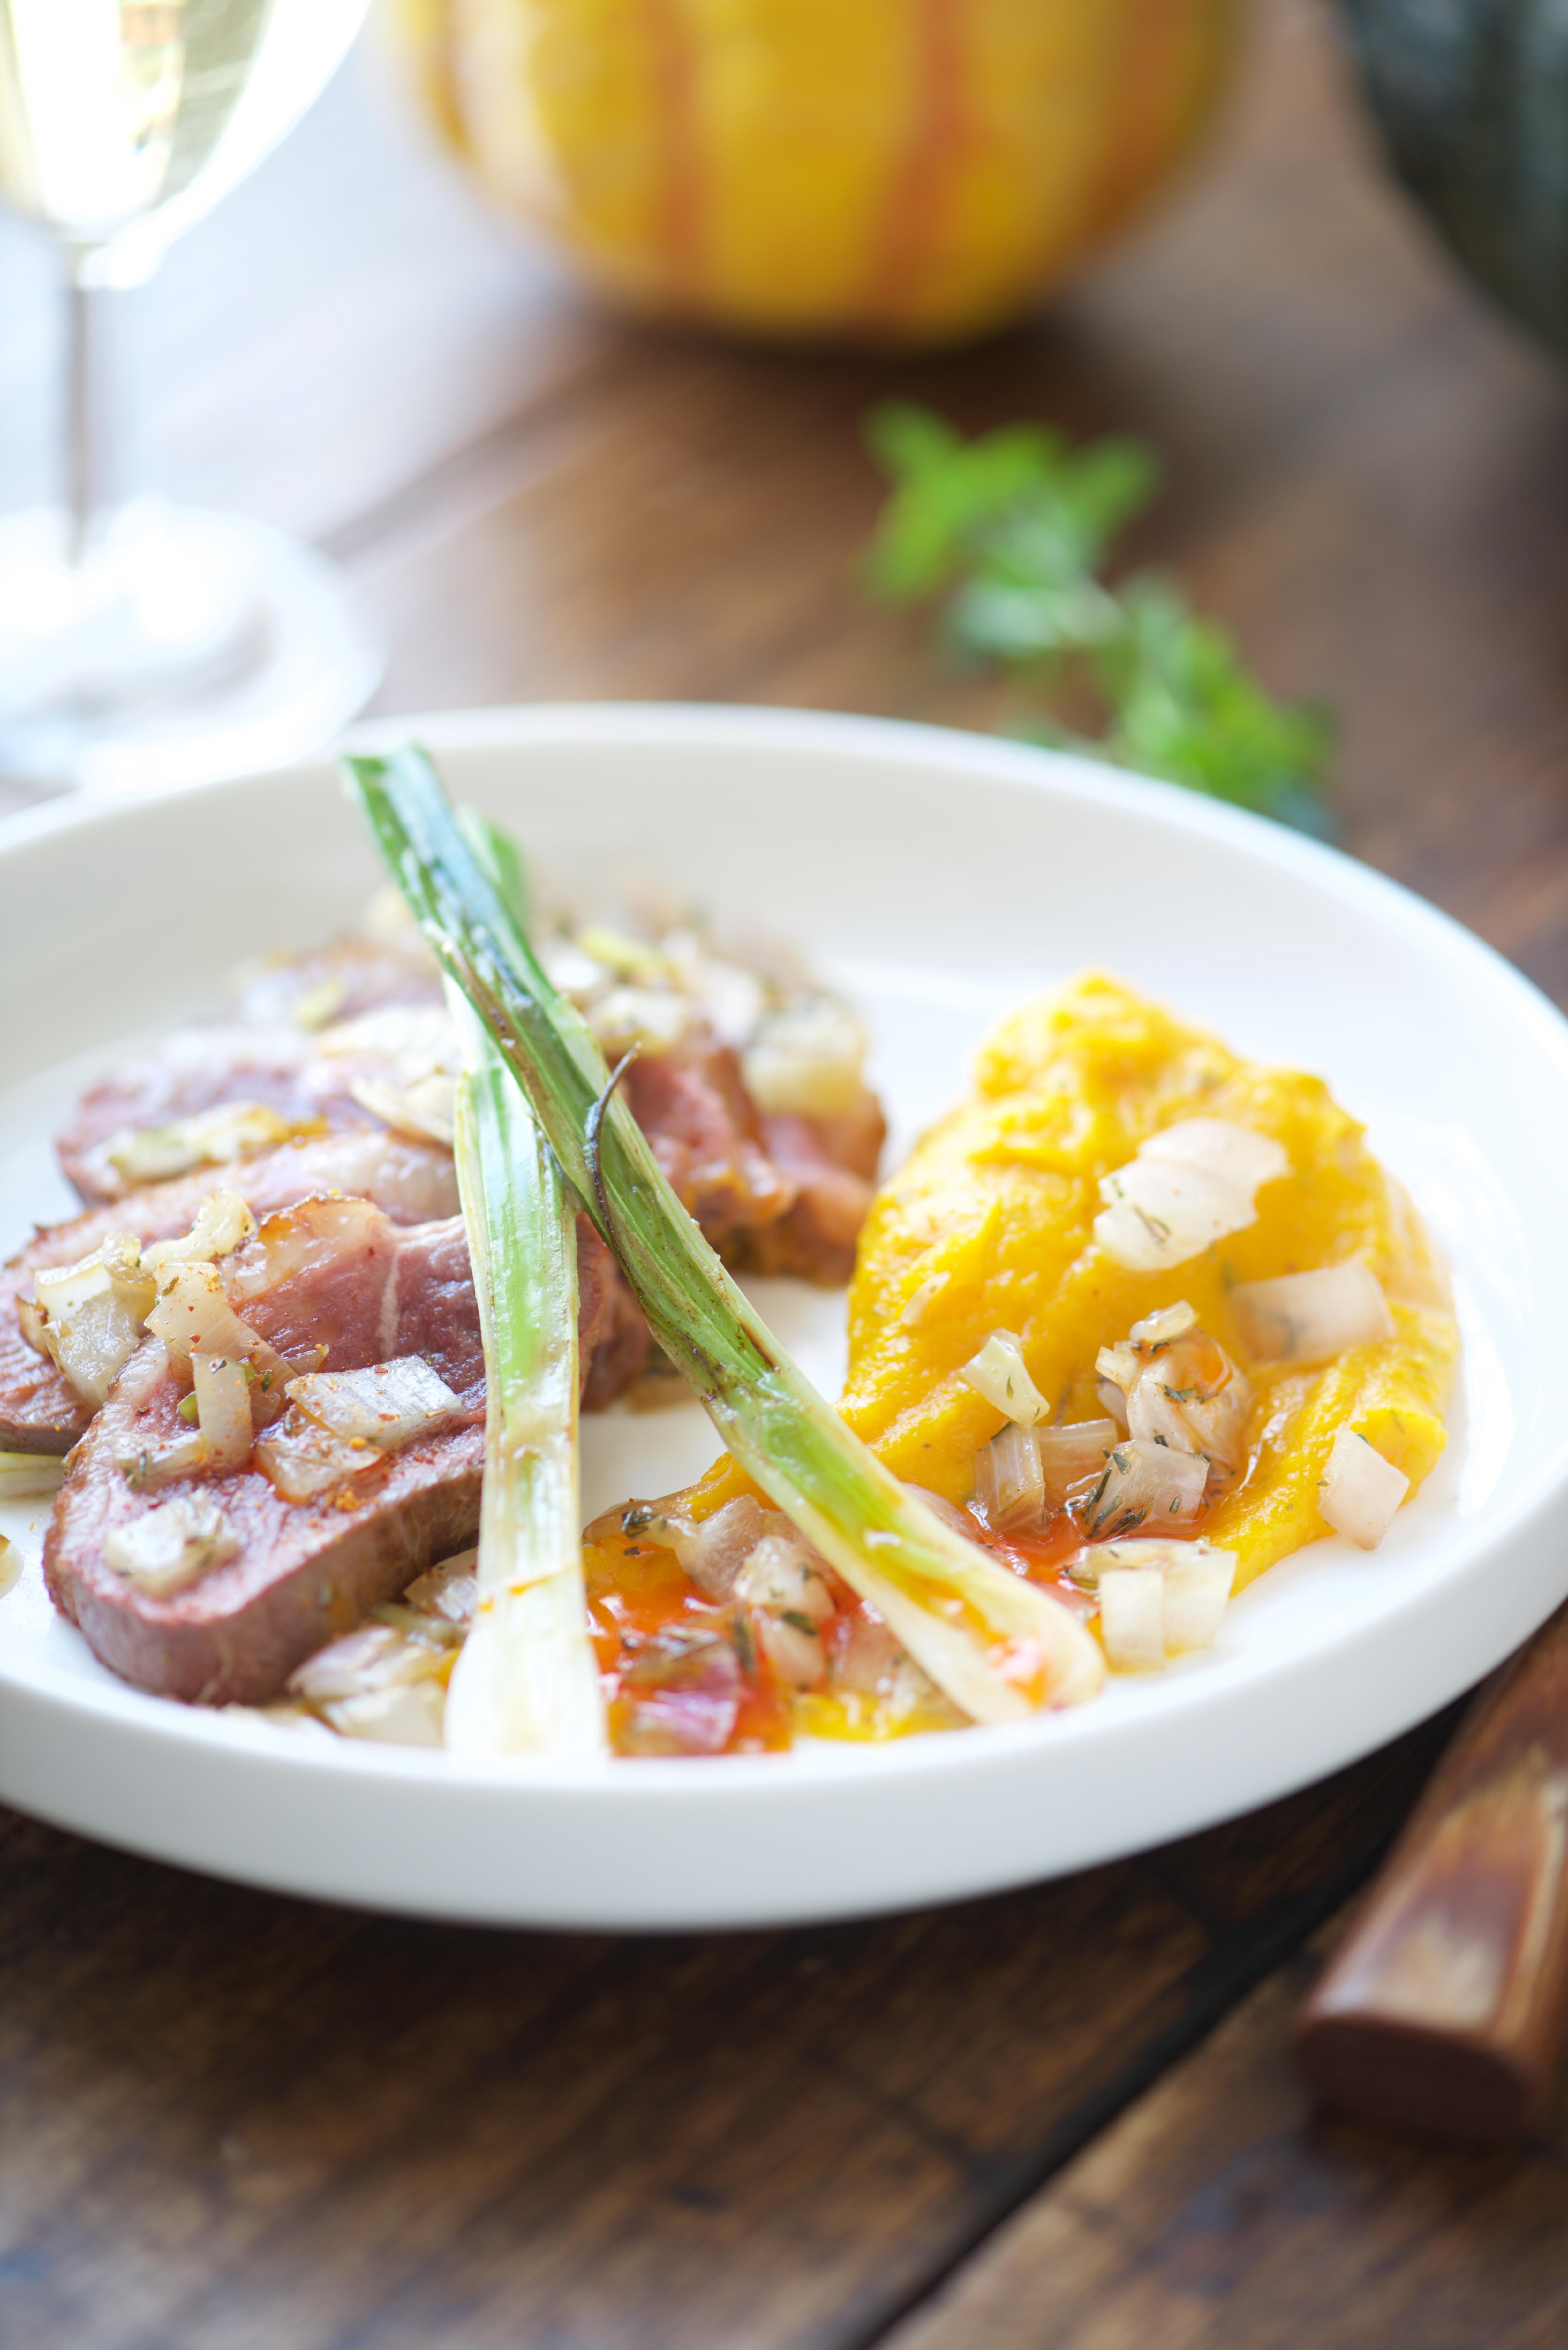 photographie culinaire de magret de canard rôti